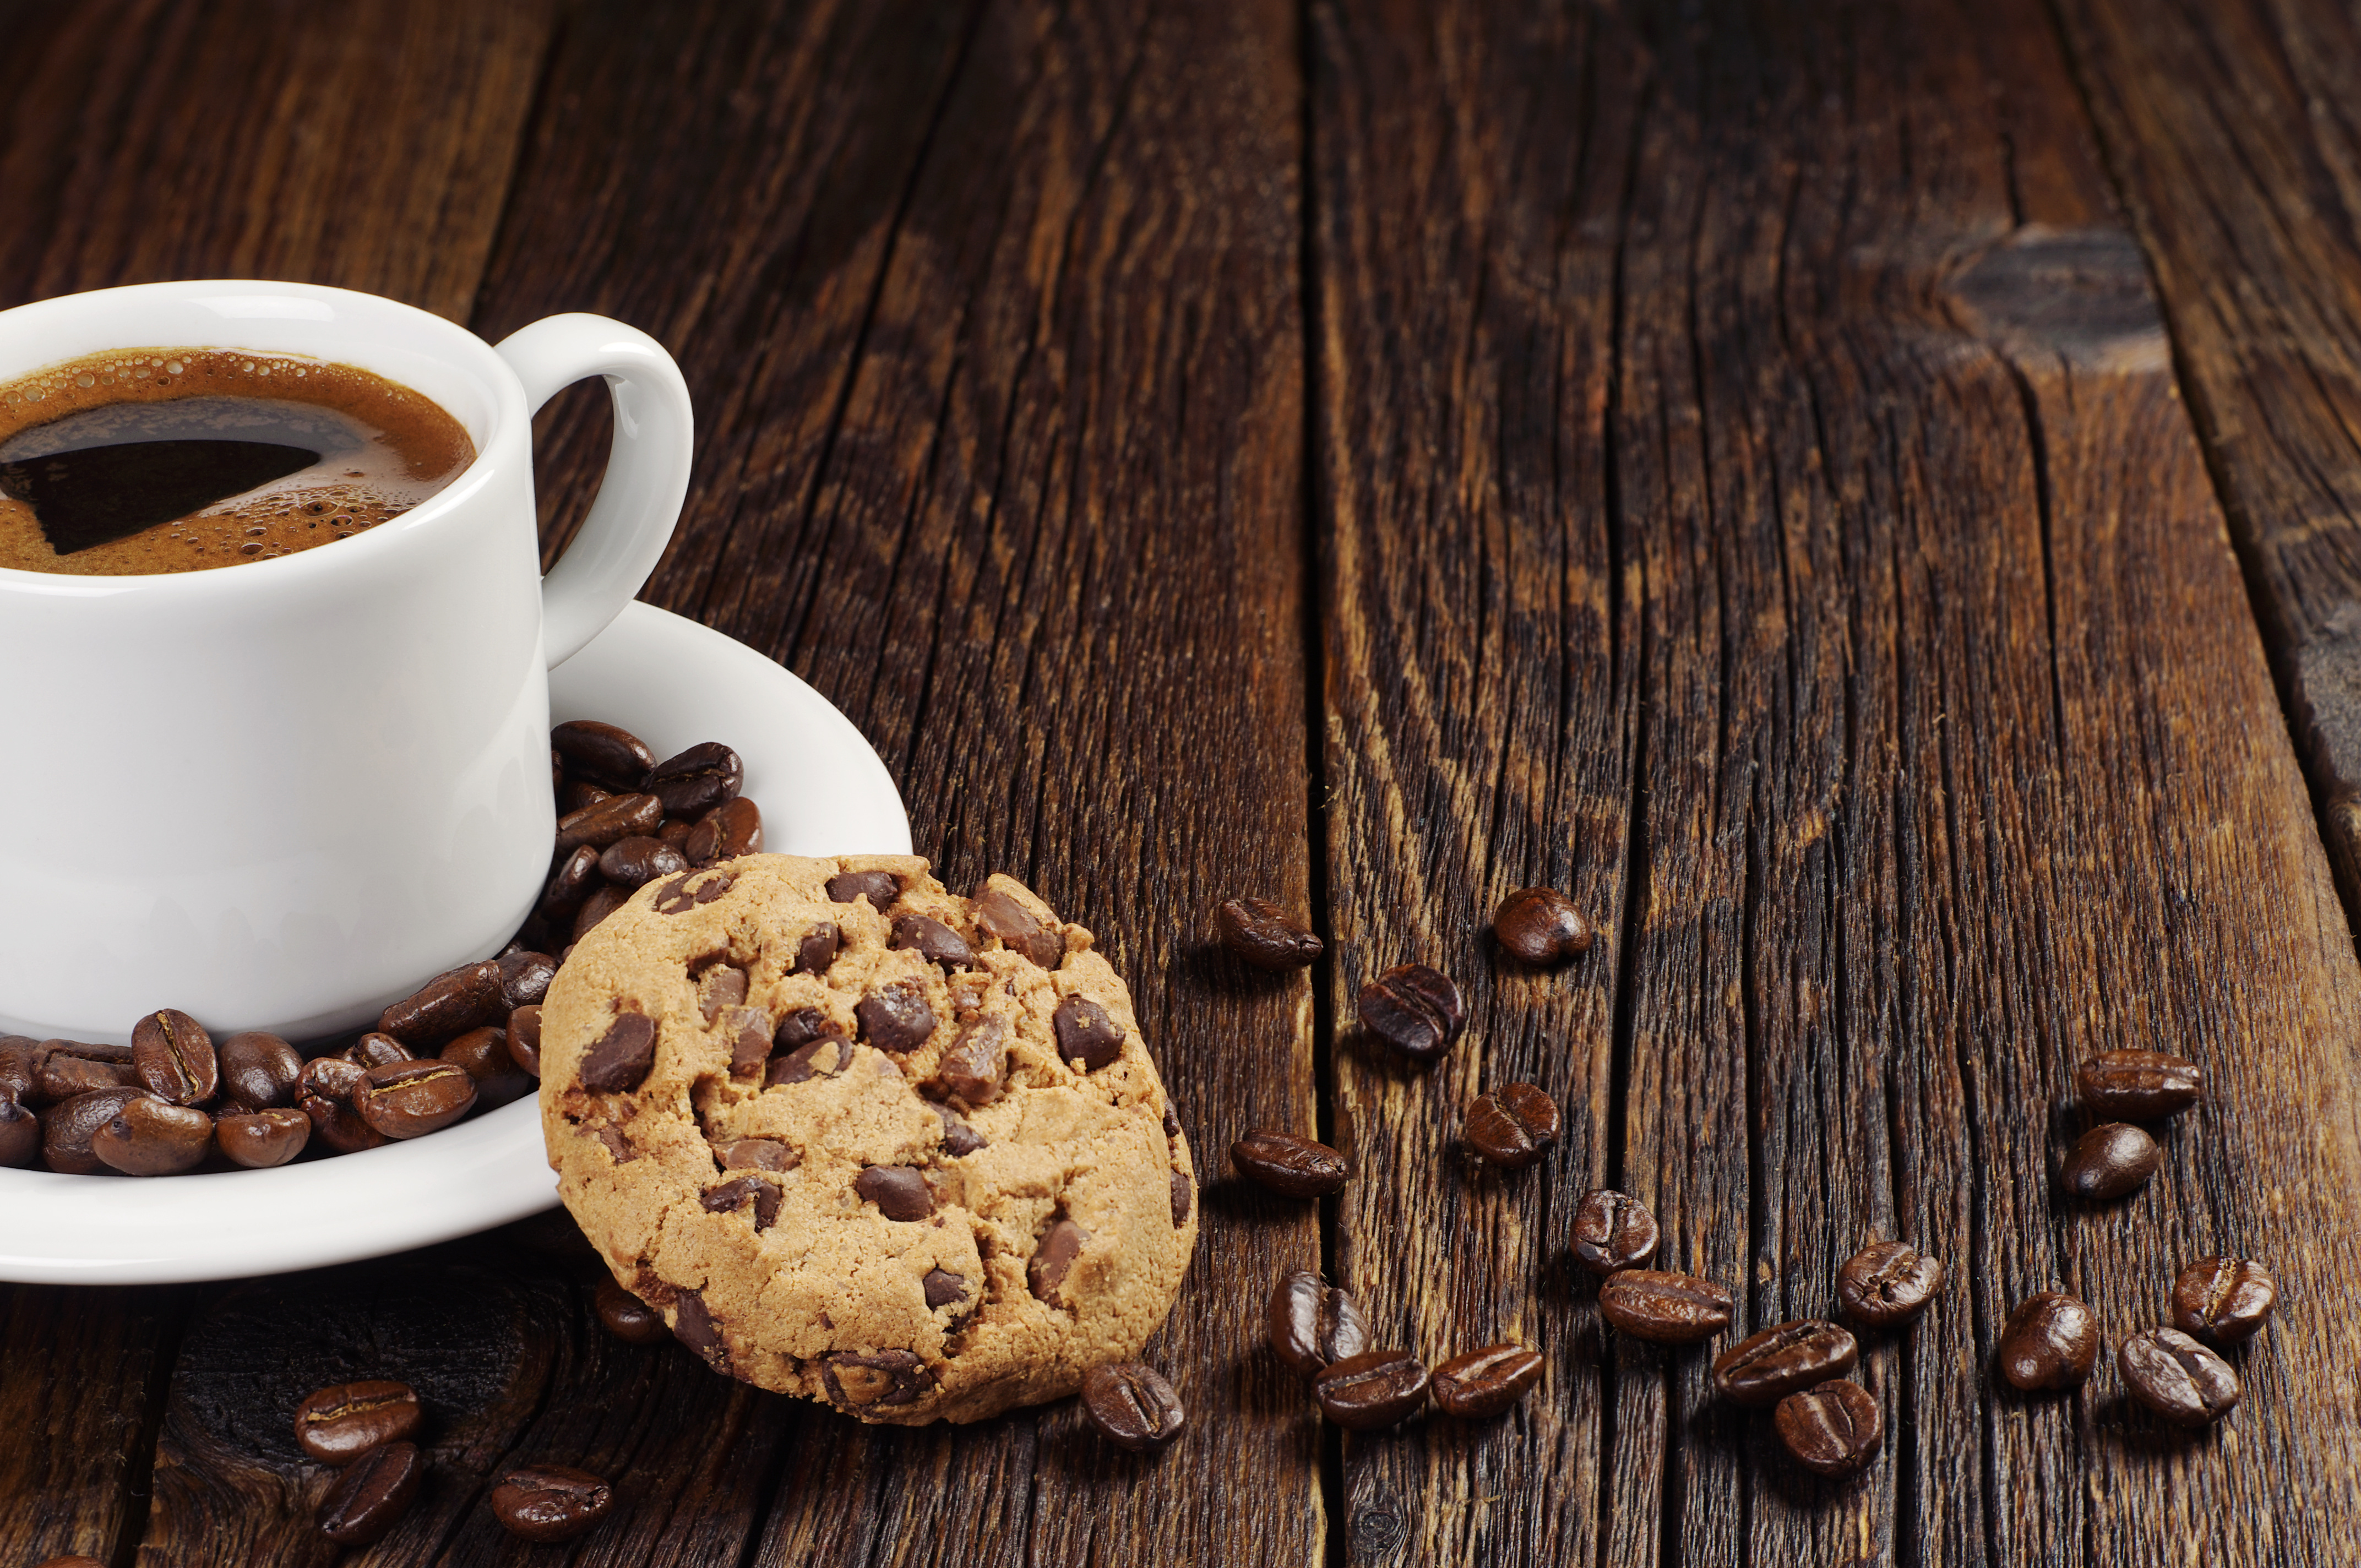 мощный, картинки кофе в кружке и печеньки что